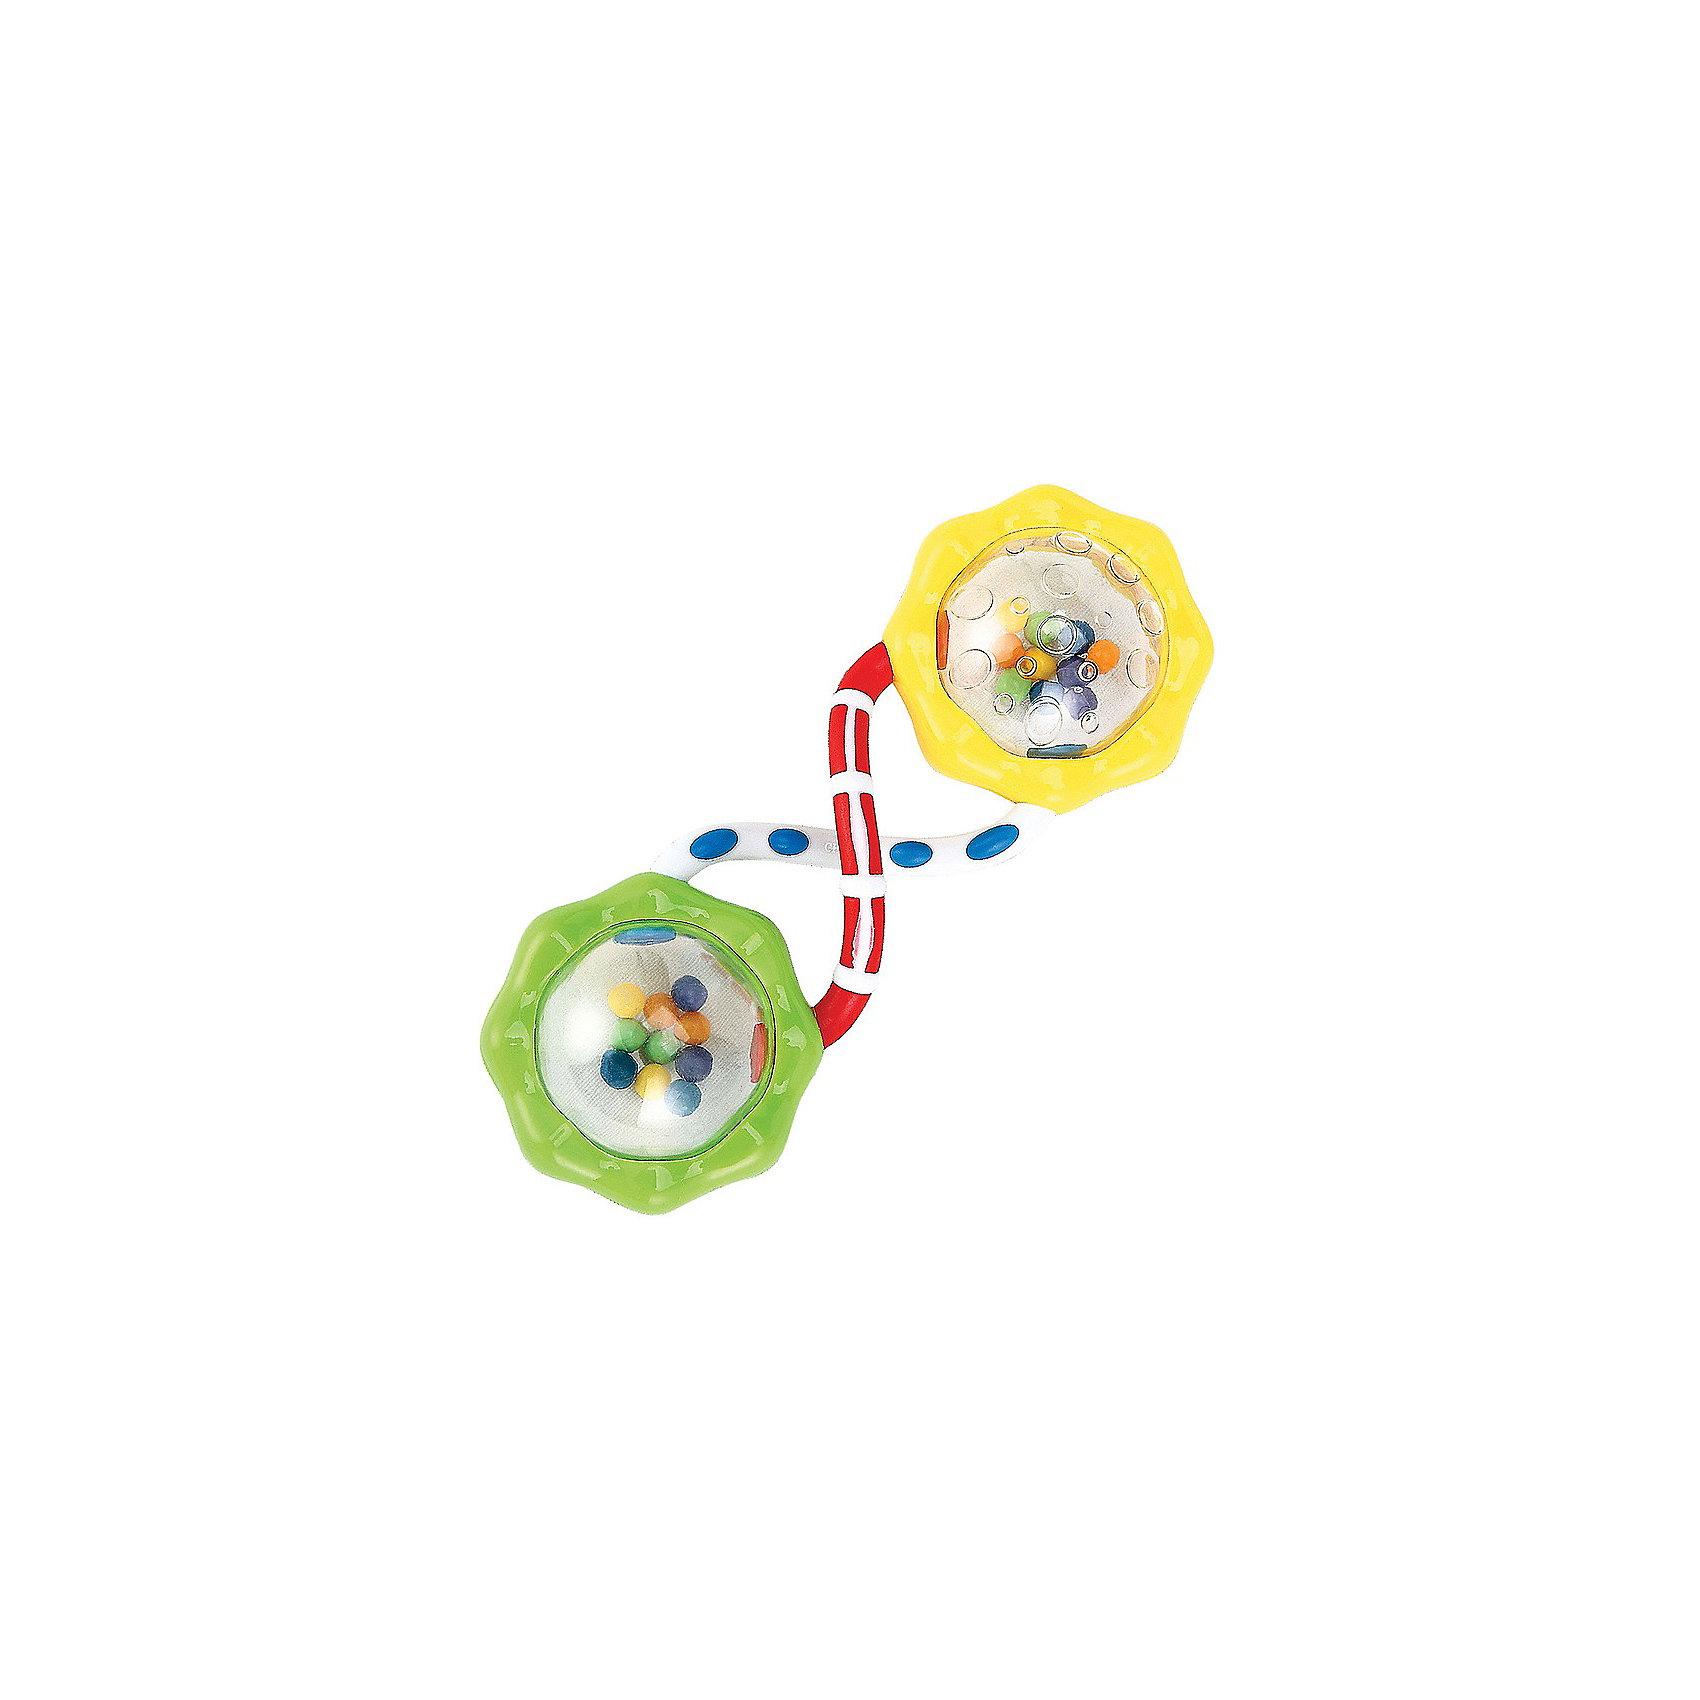 Погремушка Шарики FUN UP Happy BabyПогремушки<br>Погремушка «Шарики» FUN UP<br><br>Развивает: познавательную активность, ловкость рук, восприятие и мышление, положительно влияет на эмоциональное состояние малыша.<br><br>Характеристики: световые и звуковые эффекты; многофункциональность.<br><br>Дополнительная информация:<br><br>Материал: АБС-пластик, полипропилен<br><br>Погремушка Шарики FUN UP Happy Baby можно купить в нашем интернет-магазине.<br><br>Ширина мм: 180<br>Глубина мм: 125<br>Высота мм: 40<br>Вес г: 53<br>Возраст от месяцев: 3<br>Возраст до месяцев: 24<br>Пол: Унисекс<br>Возраст: Детский<br>SKU: 3408926